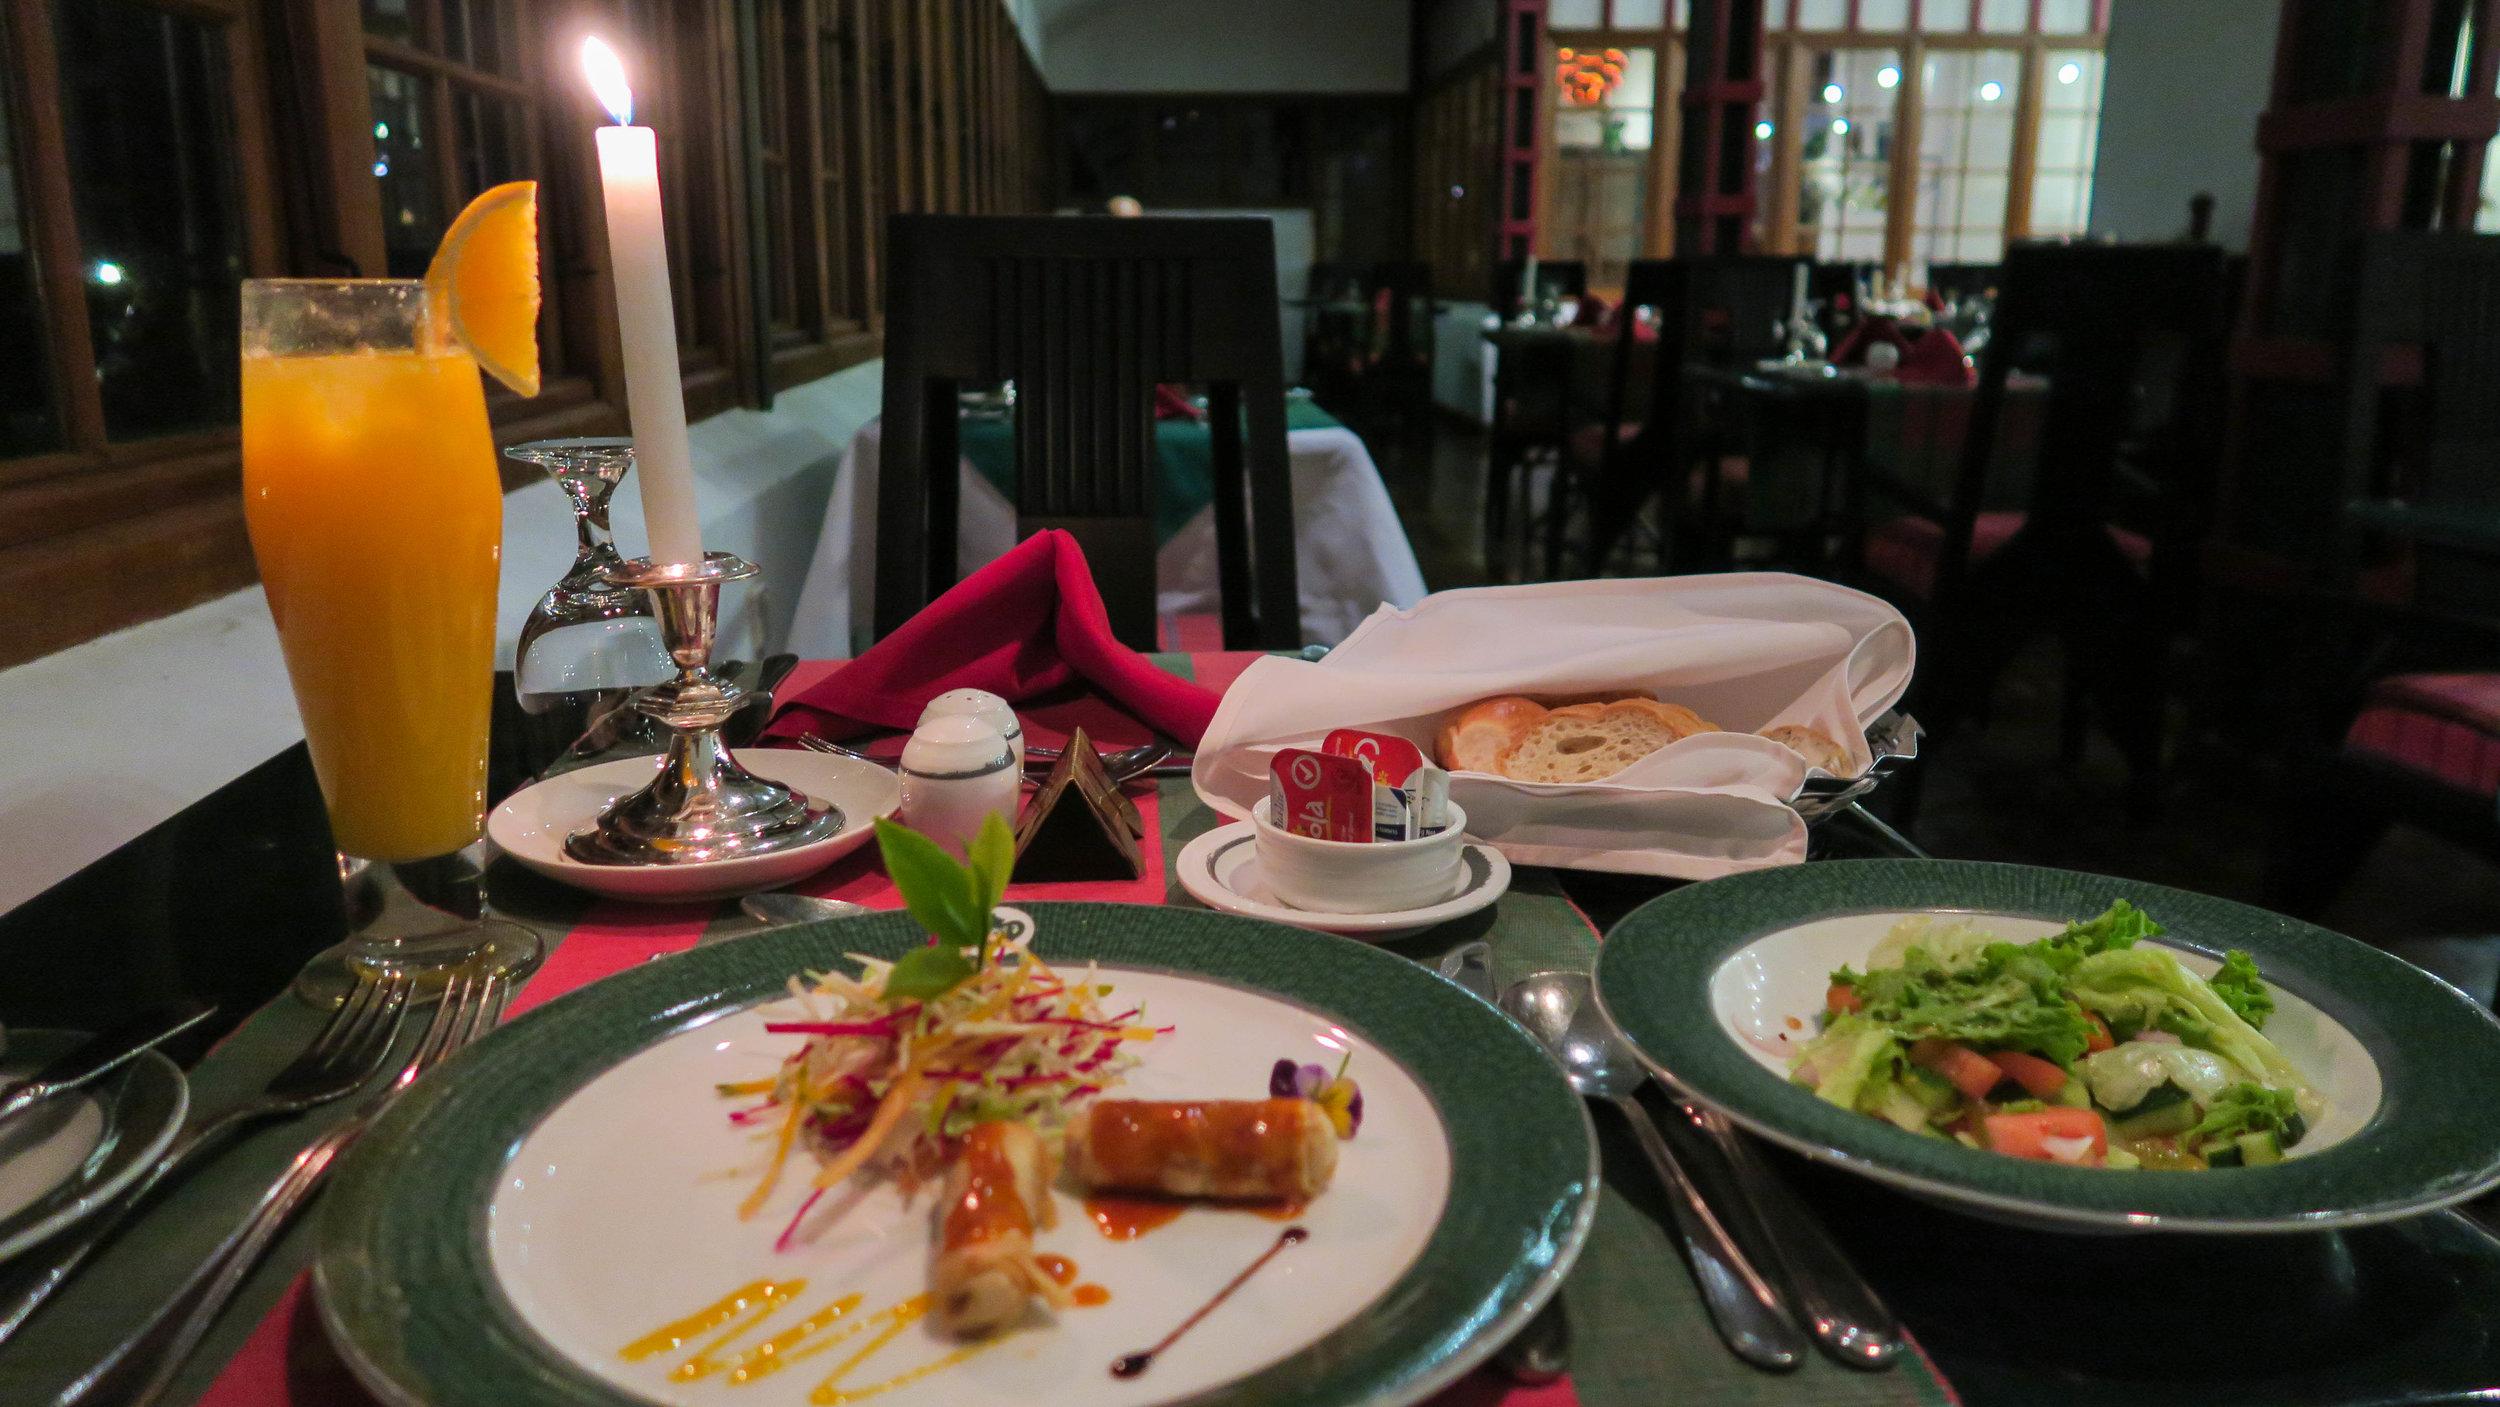 وجبة العشاء في فندق مصنع الشاي